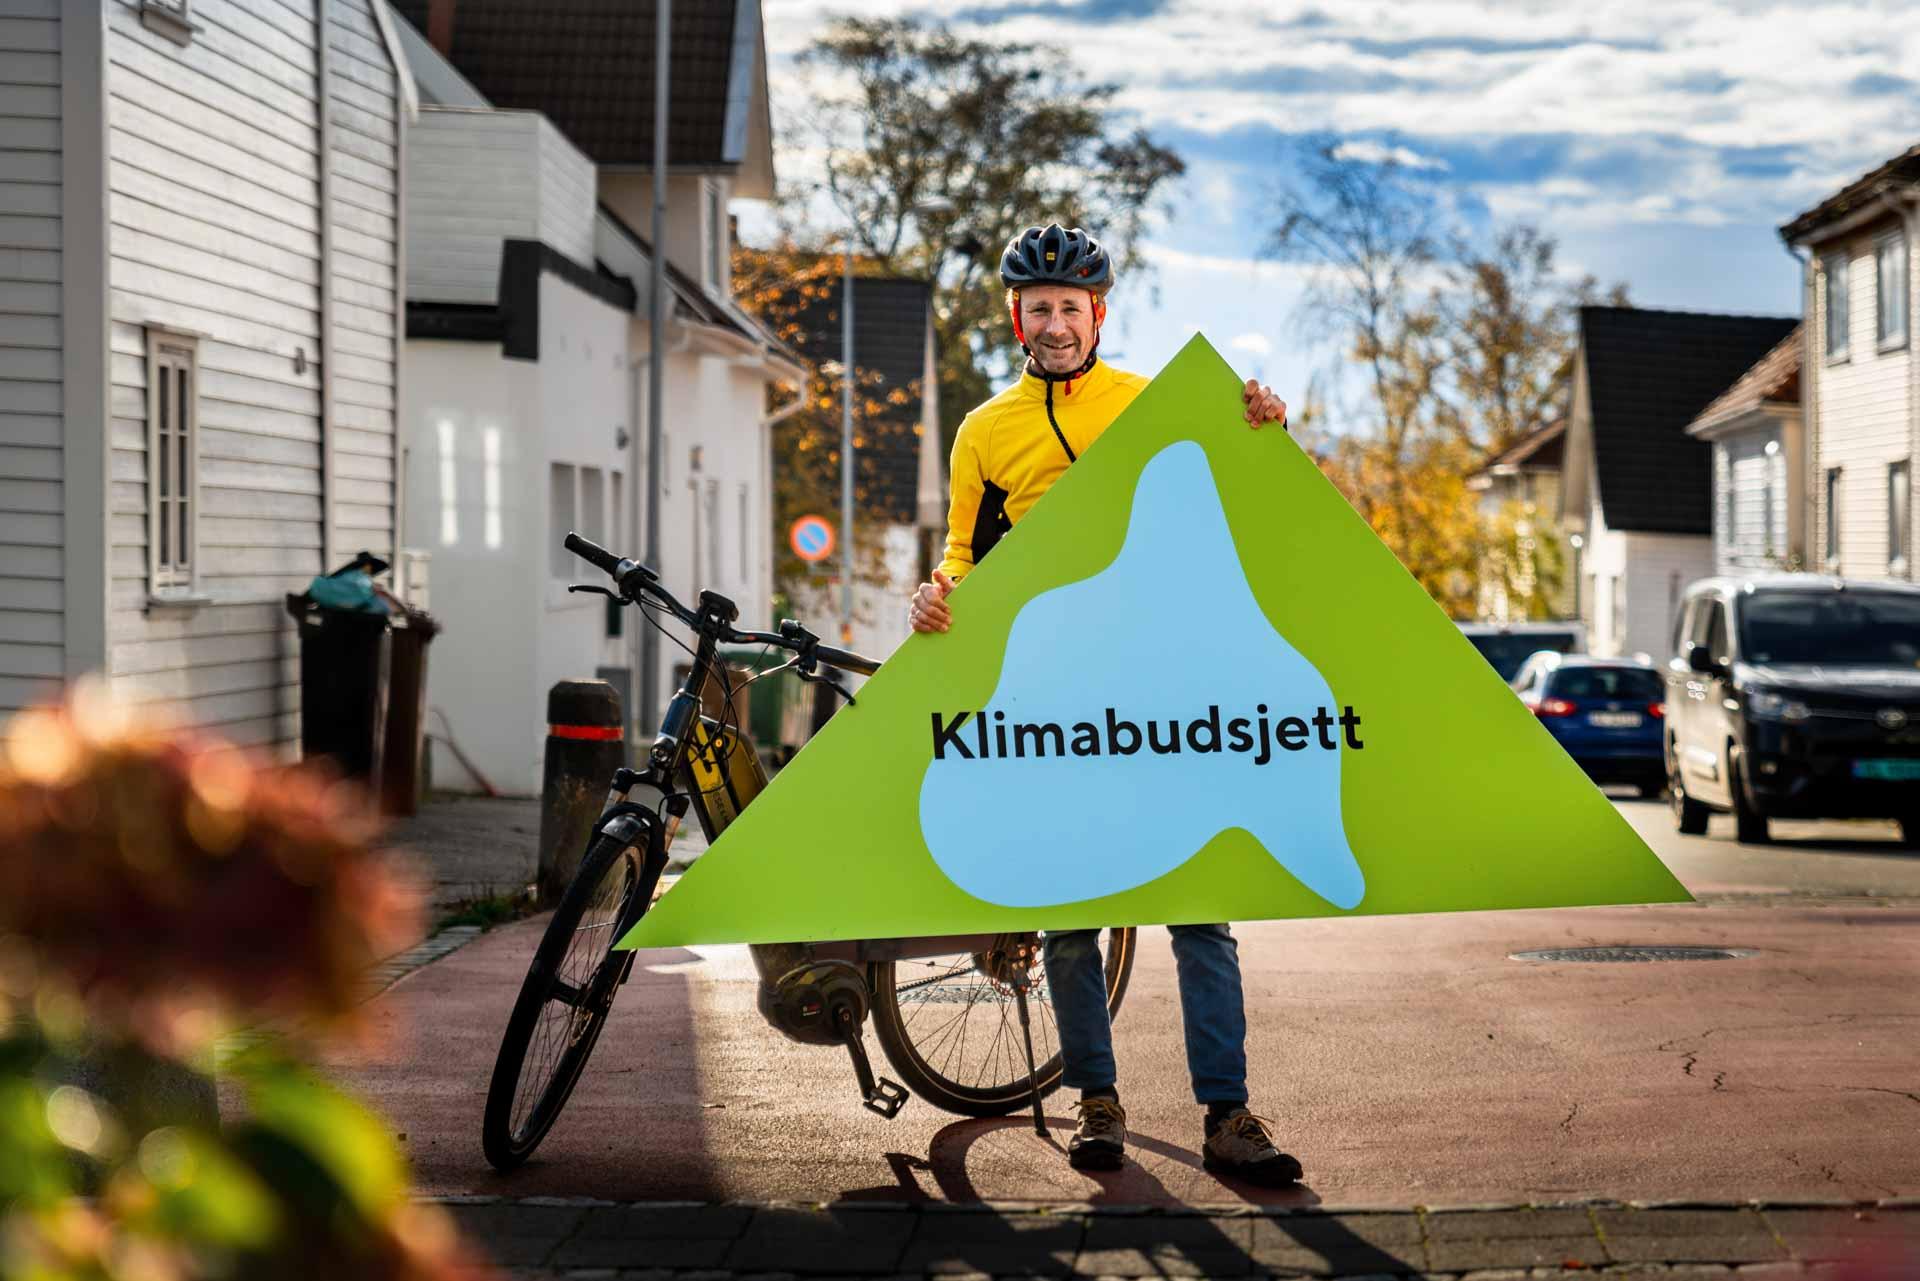 3 Klimabudsjett